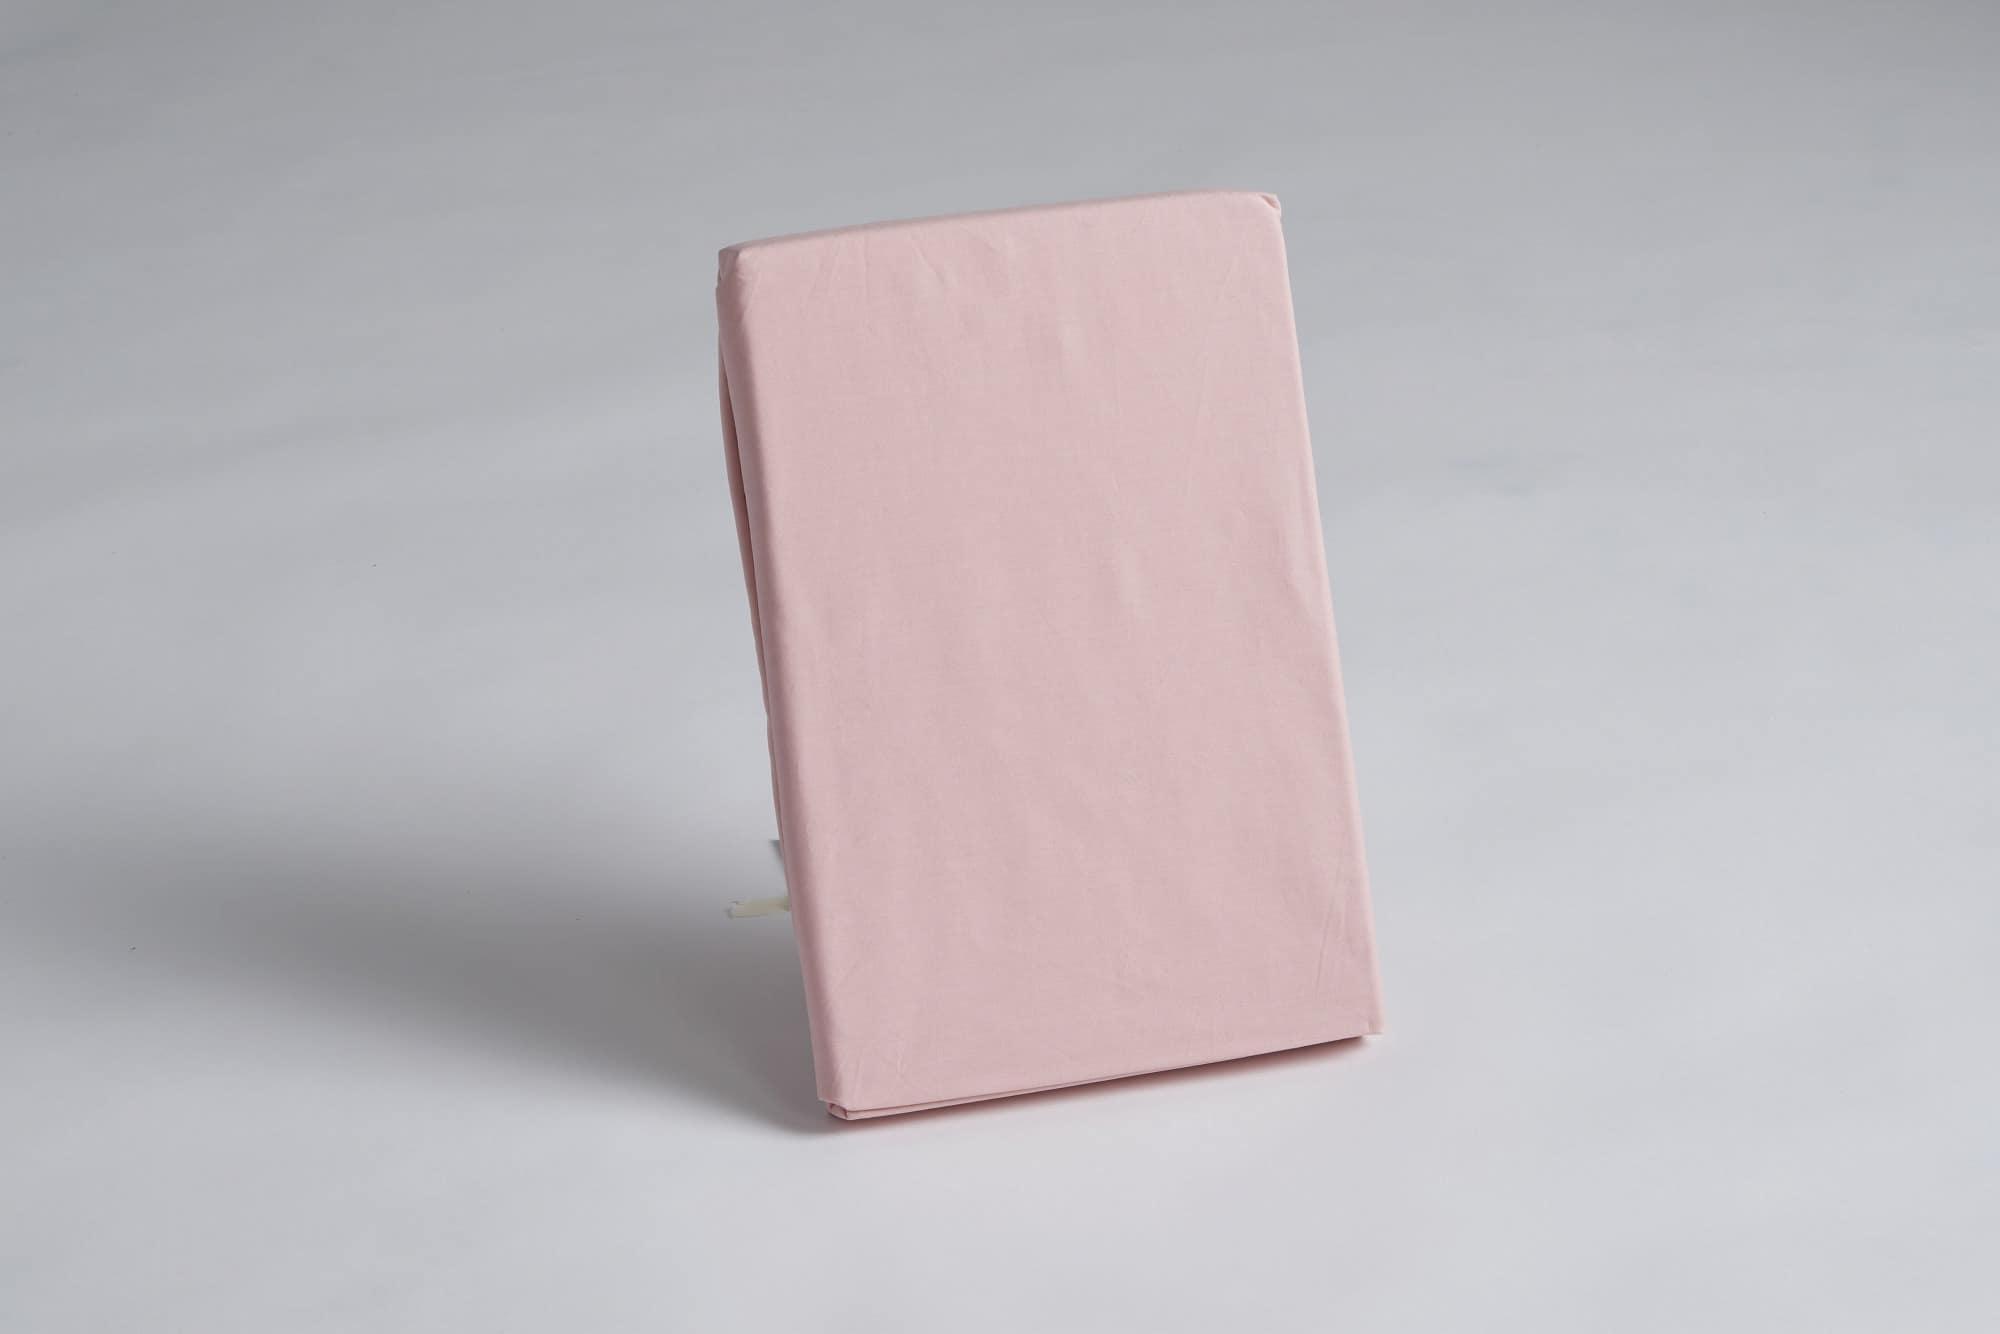 ボックスシーツ キング2用 45H ピンク:《綿100%を使用したボックスシーツ》